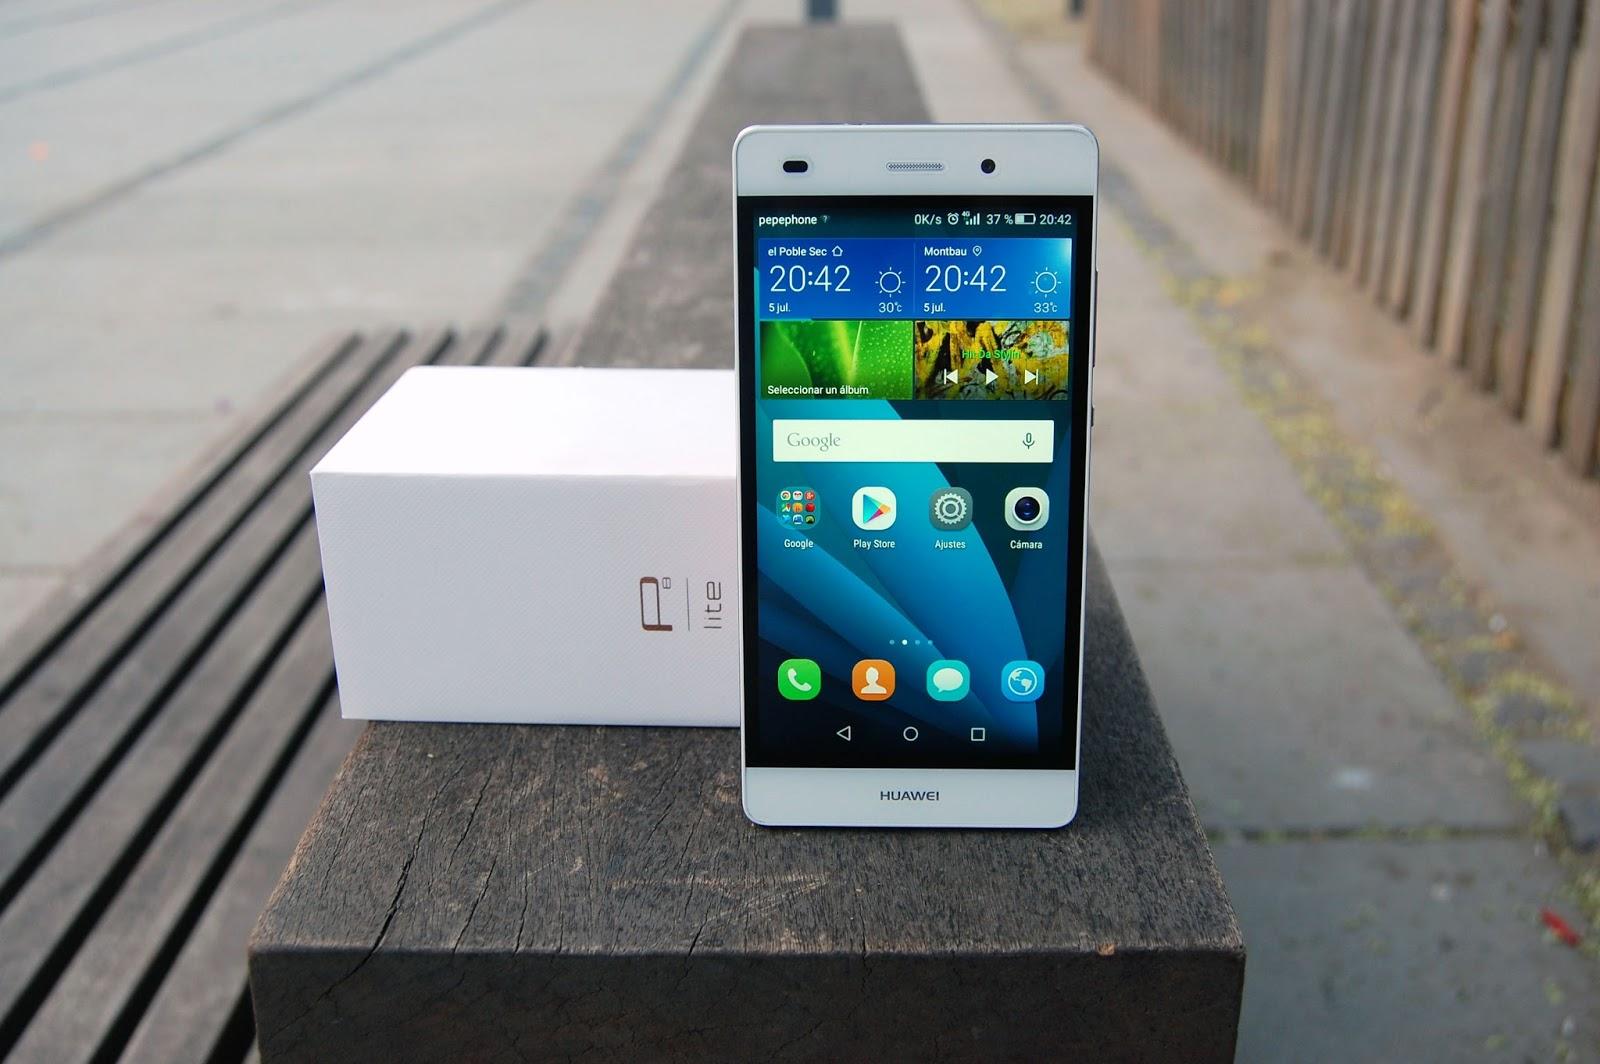 a09a6d8a567 Tu LoCoMoToR73: Huawei P8 Lite Características y opiniones